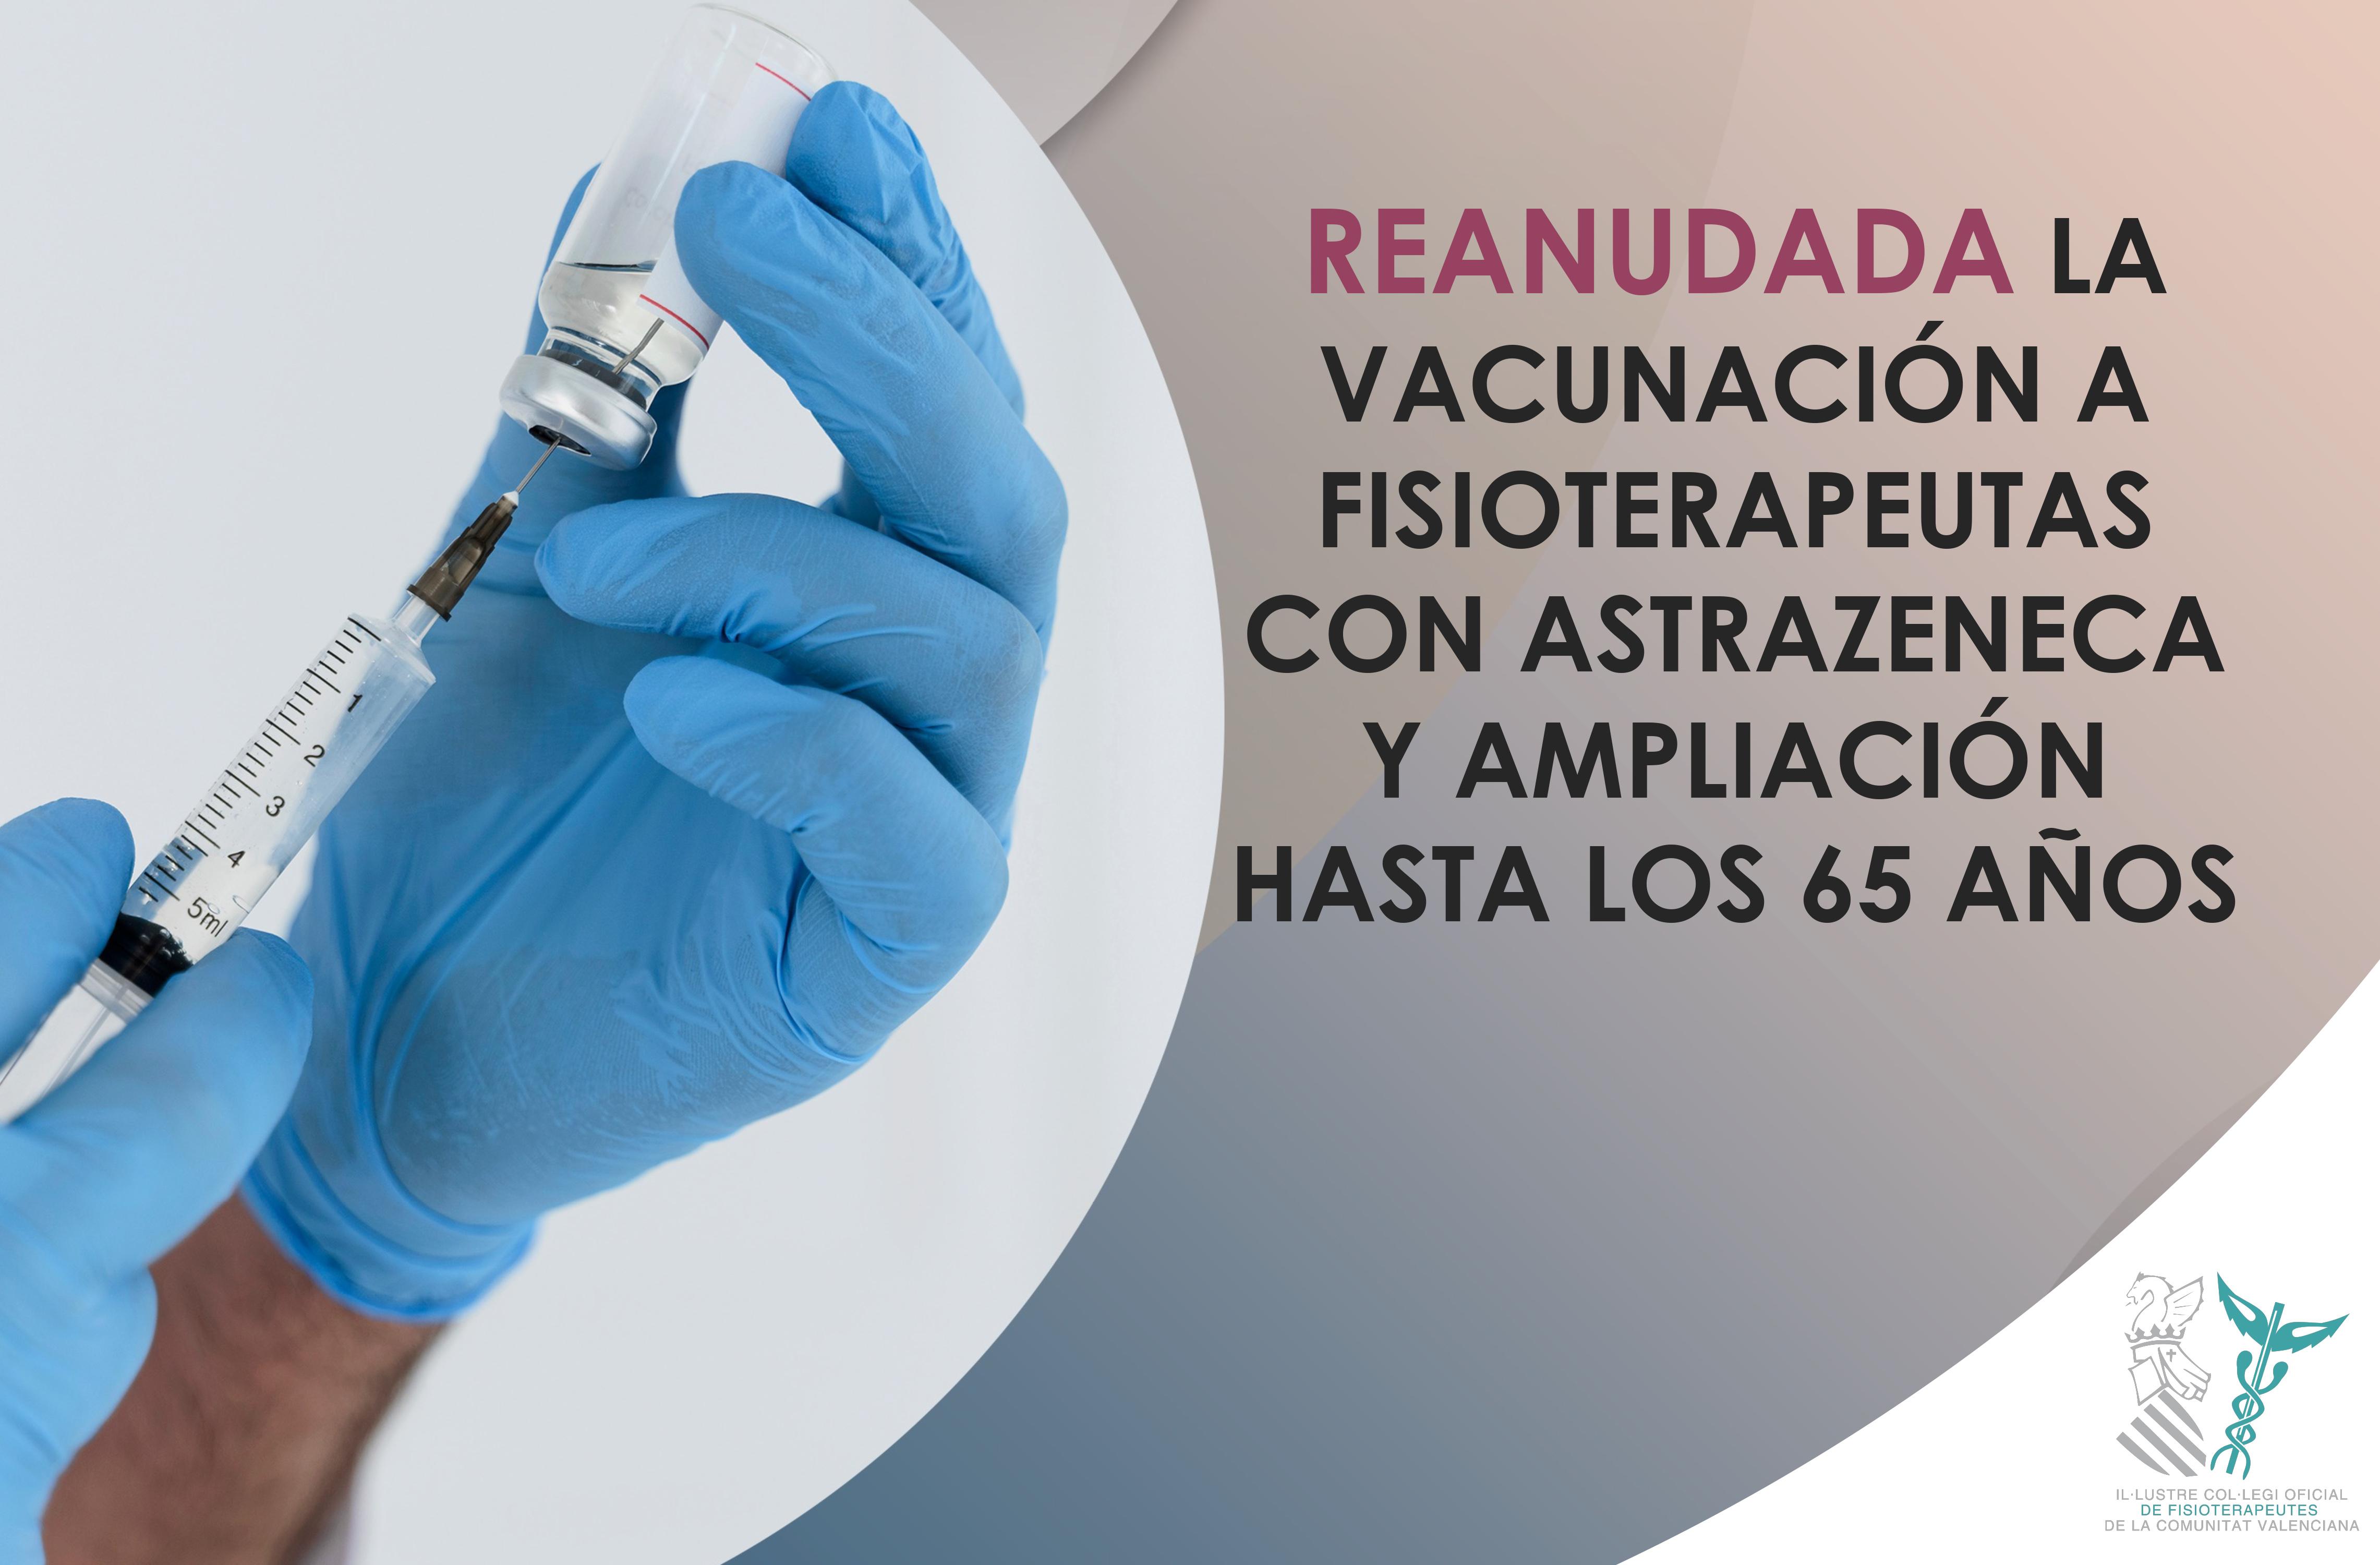 Reanudada la vacunación a fisioterapeutas de la Comunidad Valenciana con AstraZeneca y ampliación hasta los 65 años